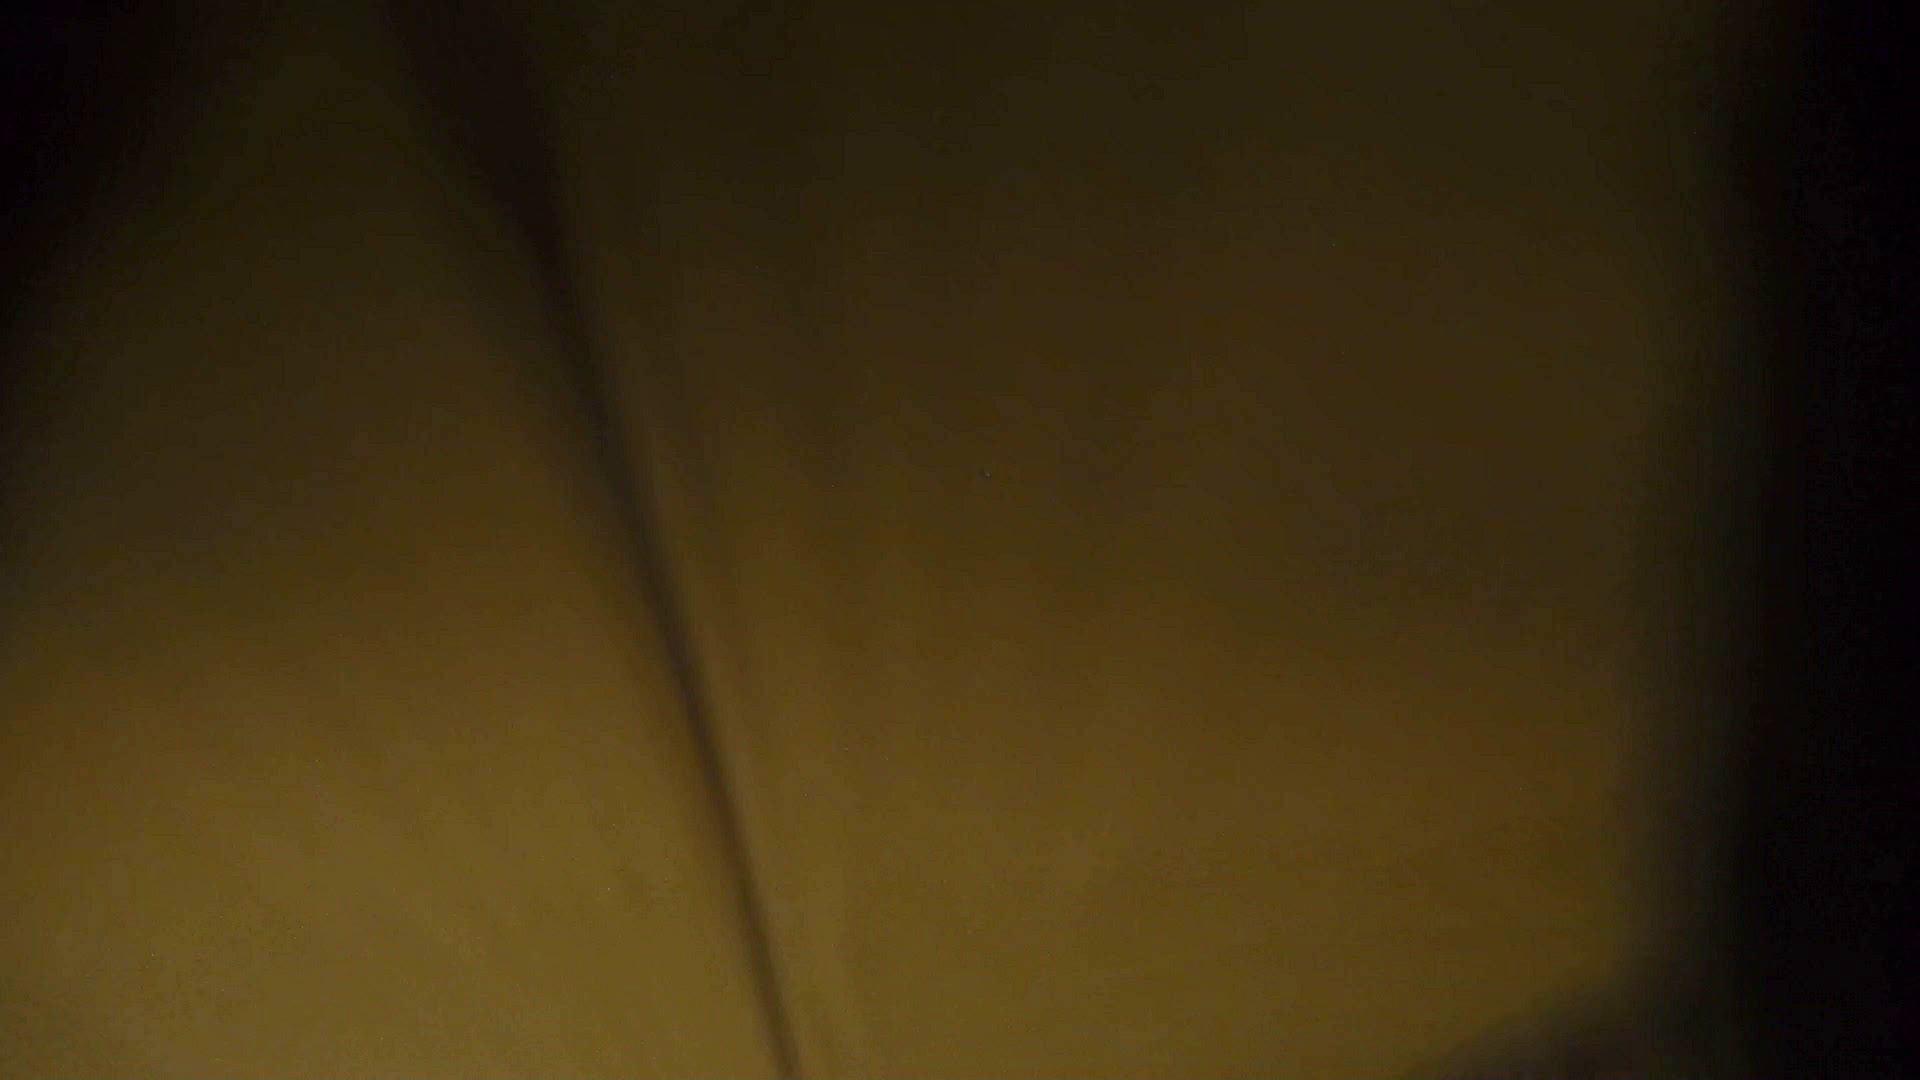 阿国ちゃんの「和式洋式七変化」No.4 エッチなお姉さん おめこ無修正動画無料 31画像 5